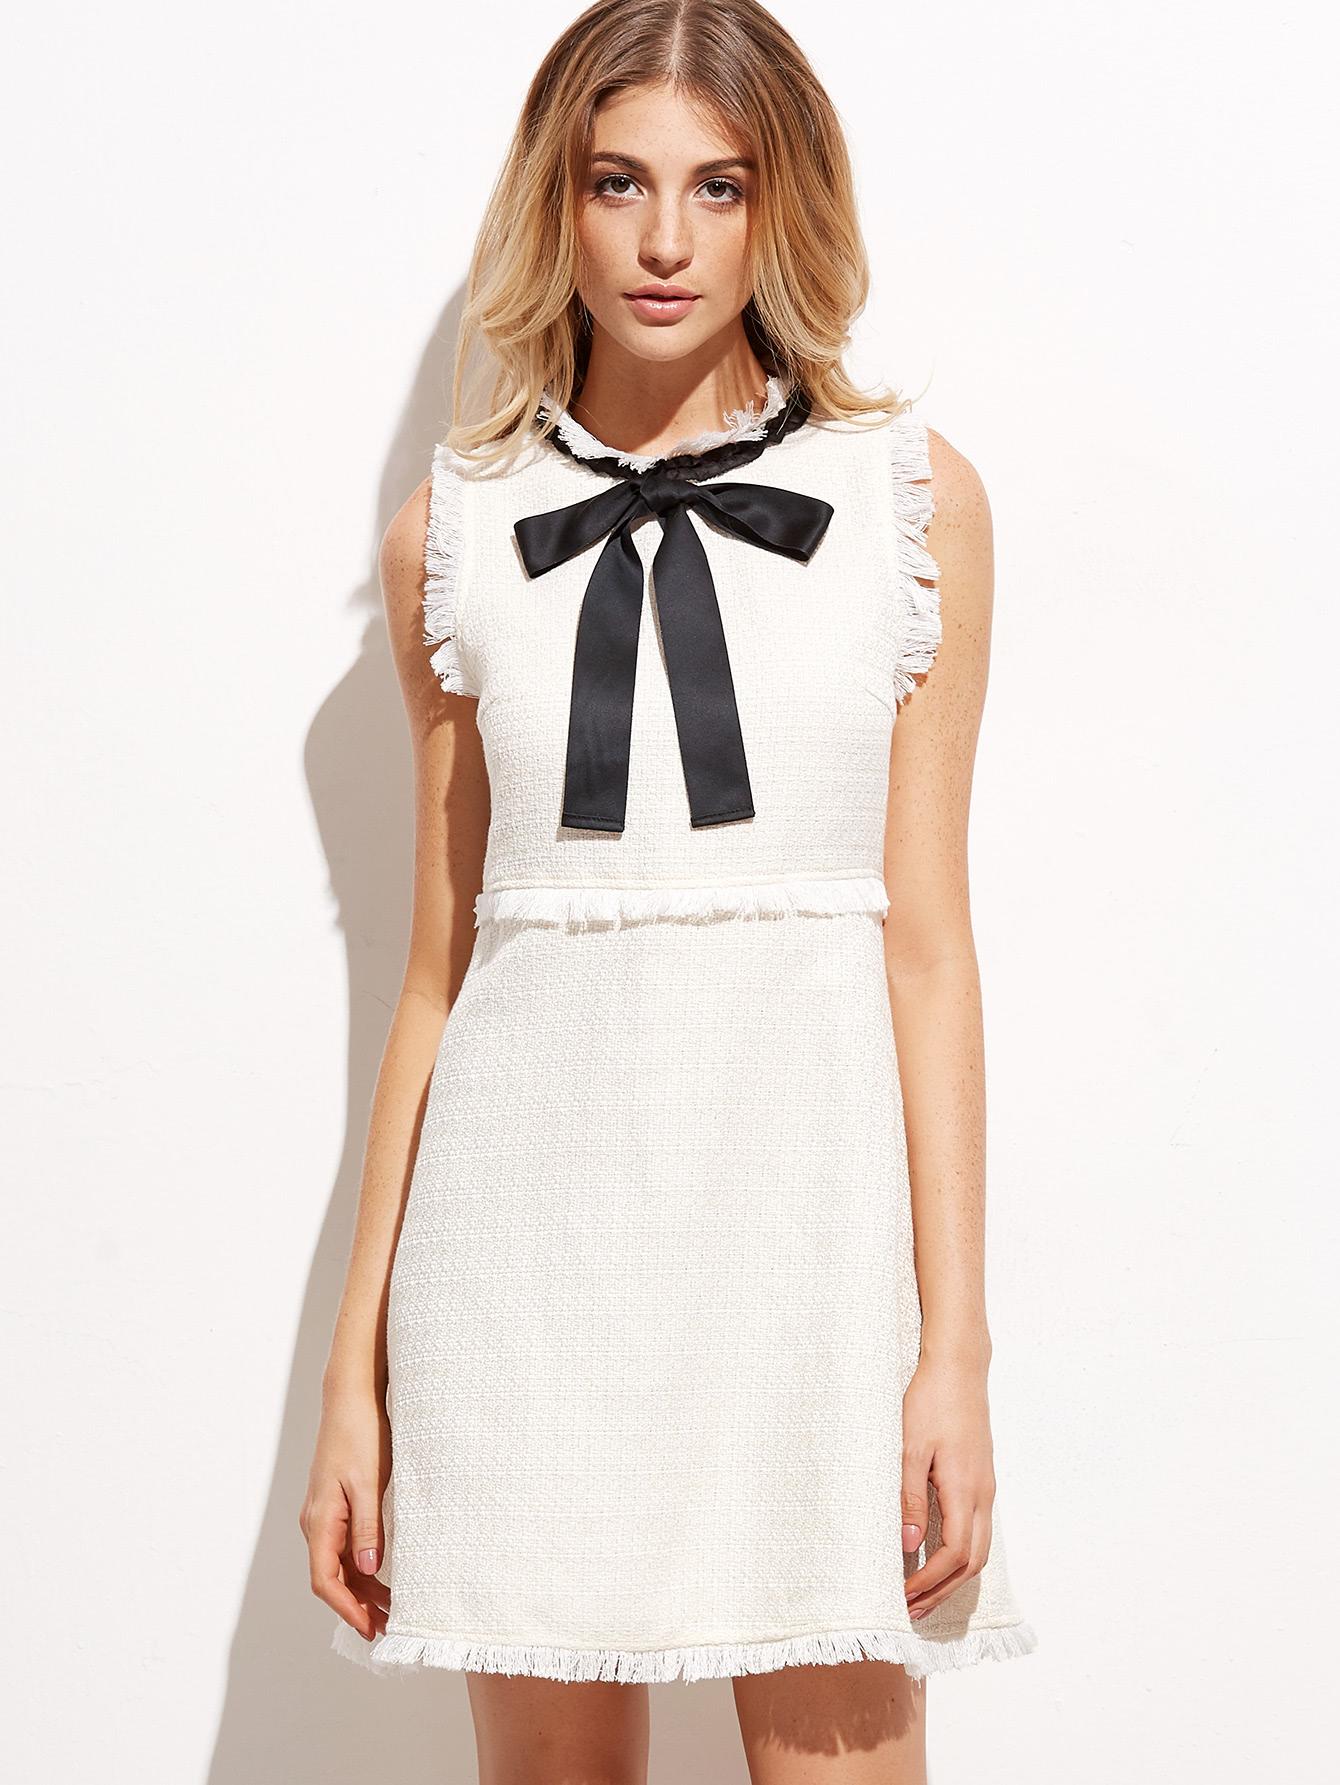 dress161010720_2